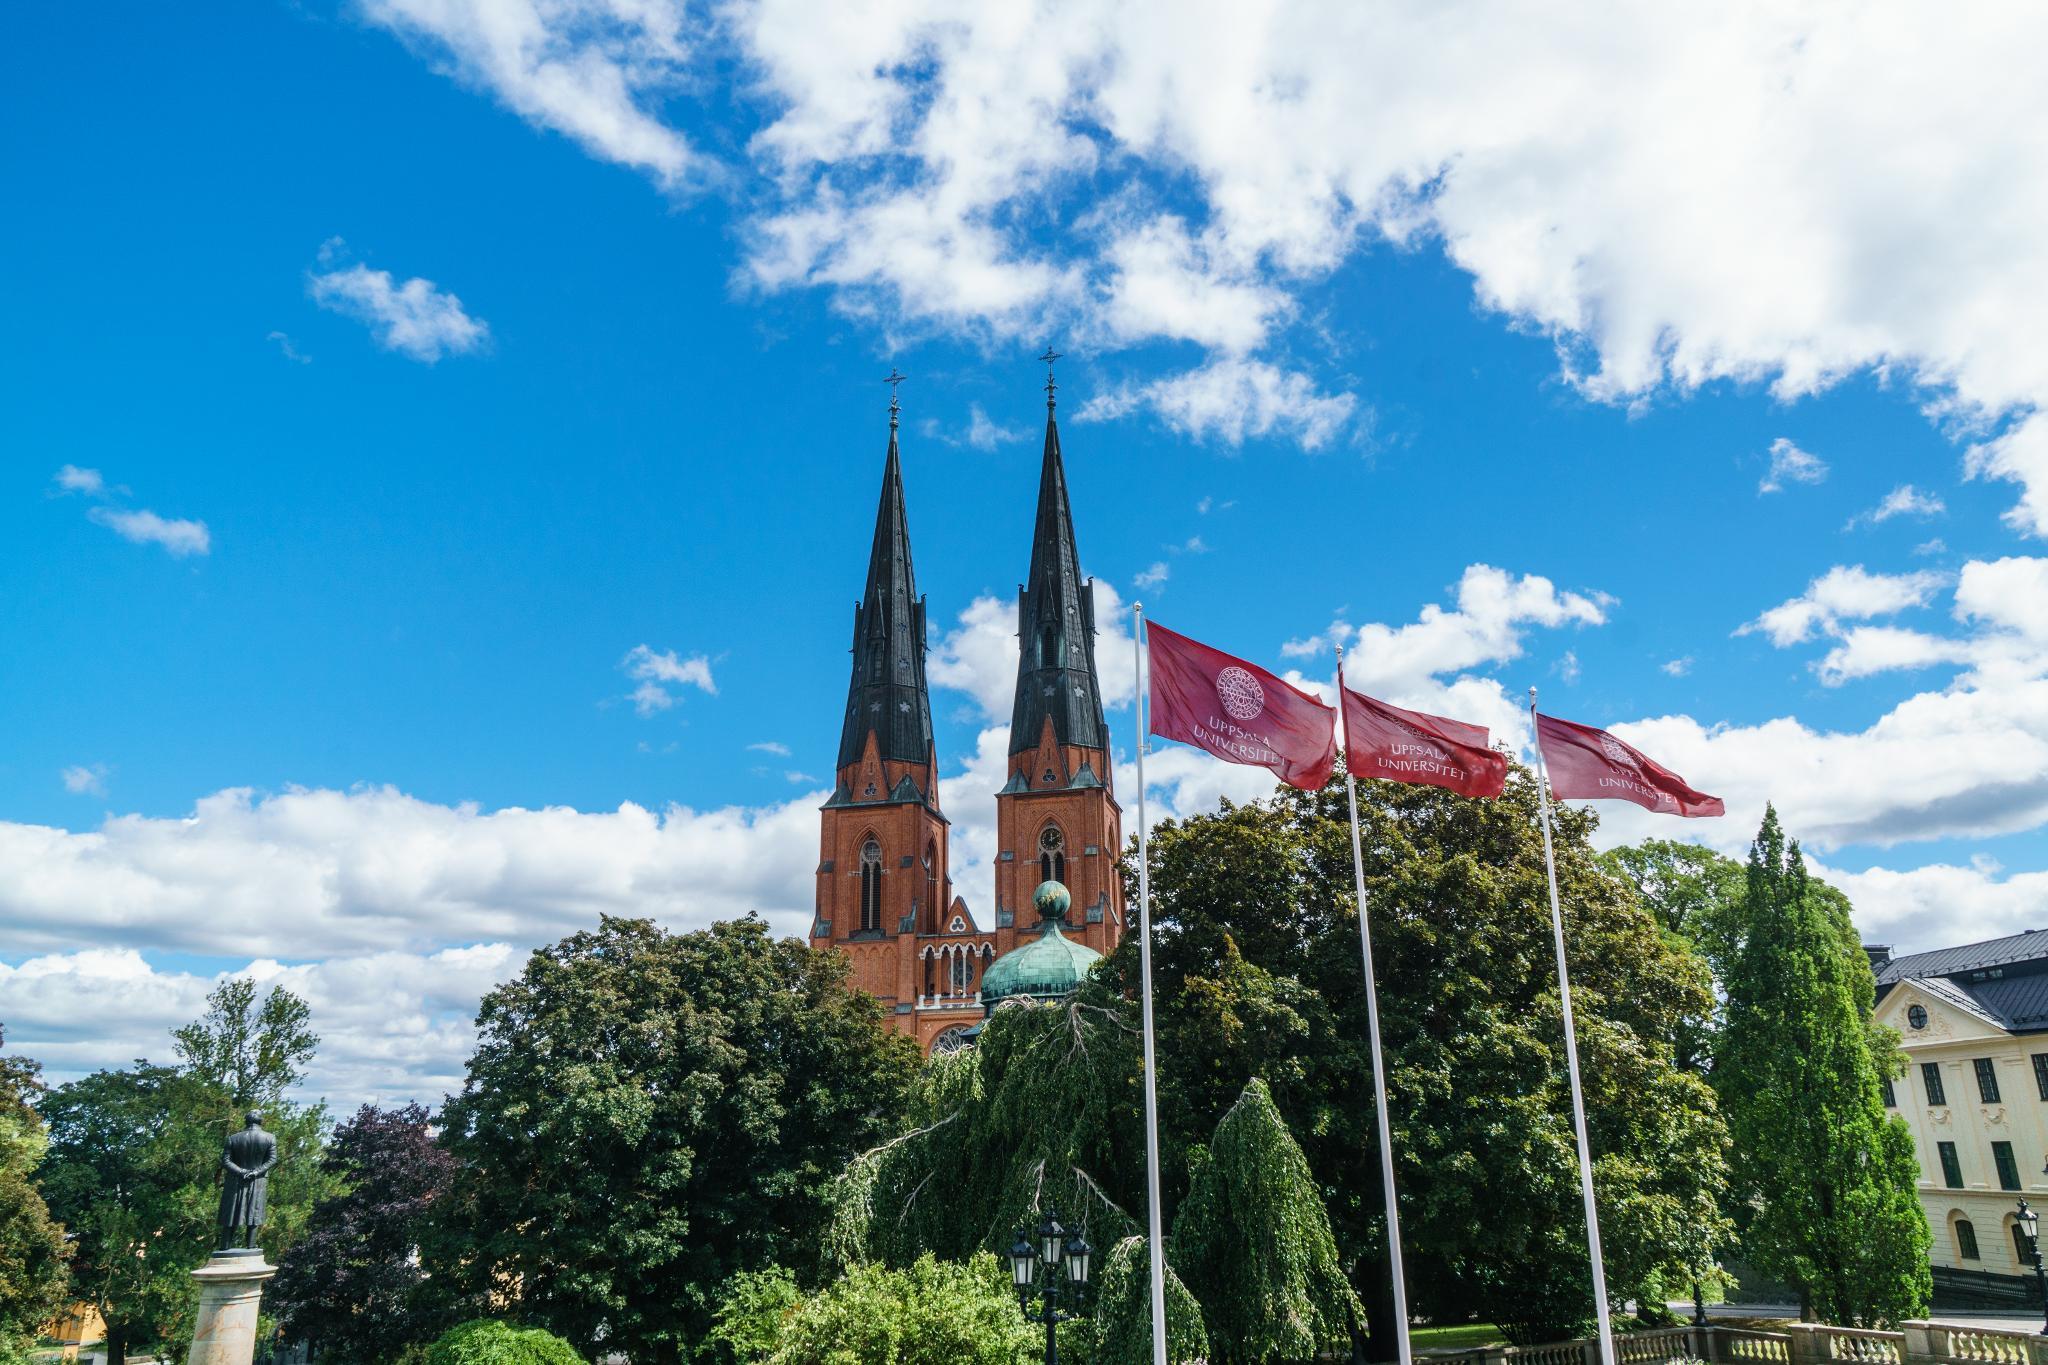 【北歐景點】瑞典的歷史縮影 — 老城烏普薩拉(Uppsala)的人文風景 19